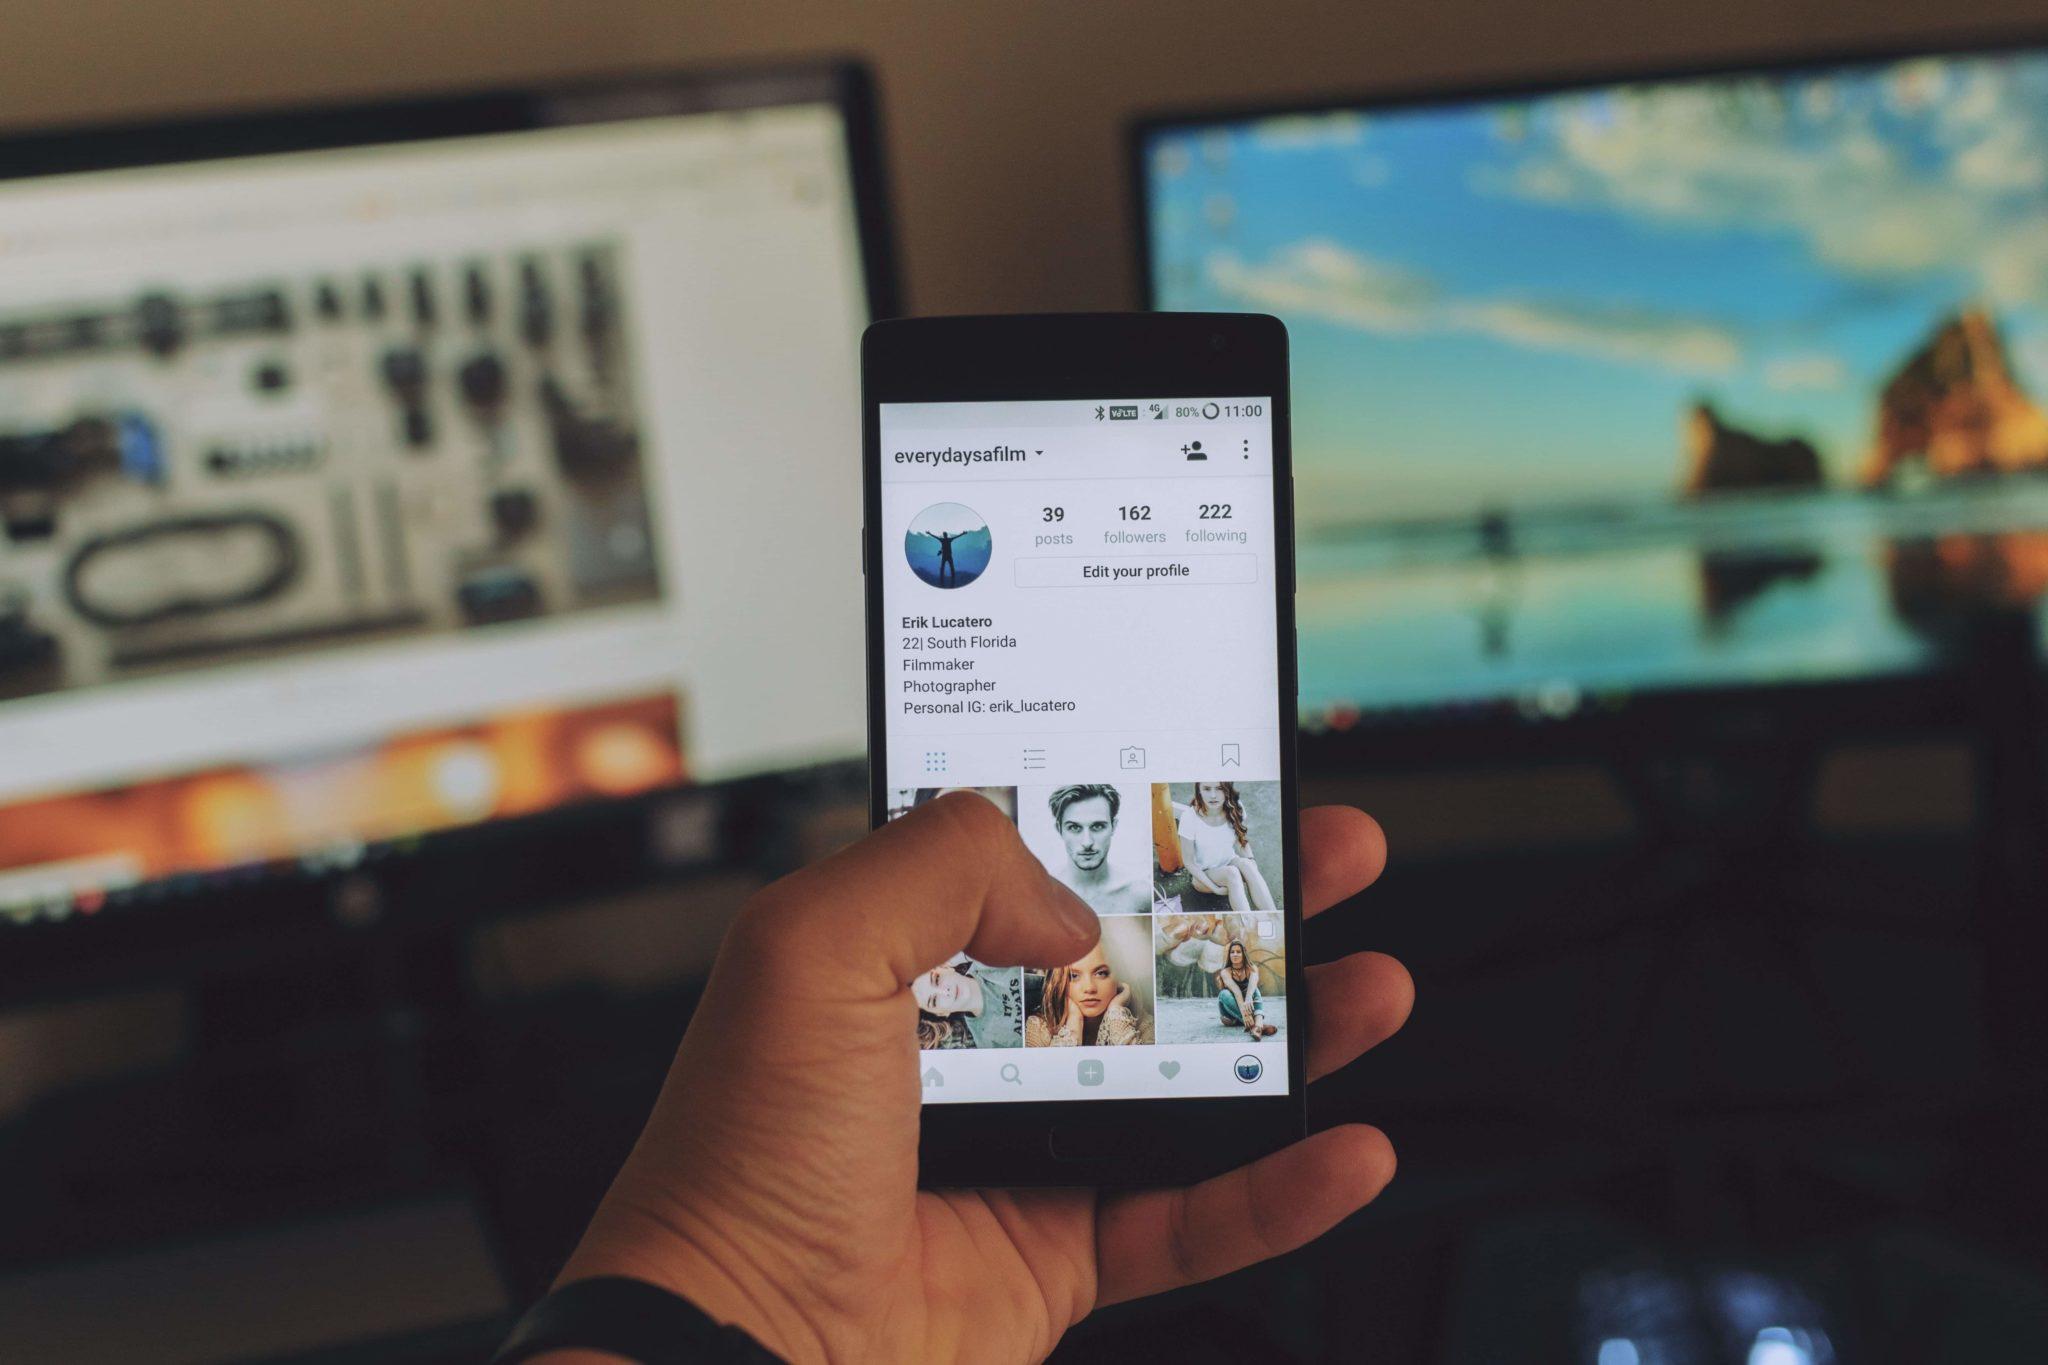 ¿Por qué es importante contar con un buen feed en Instagram?